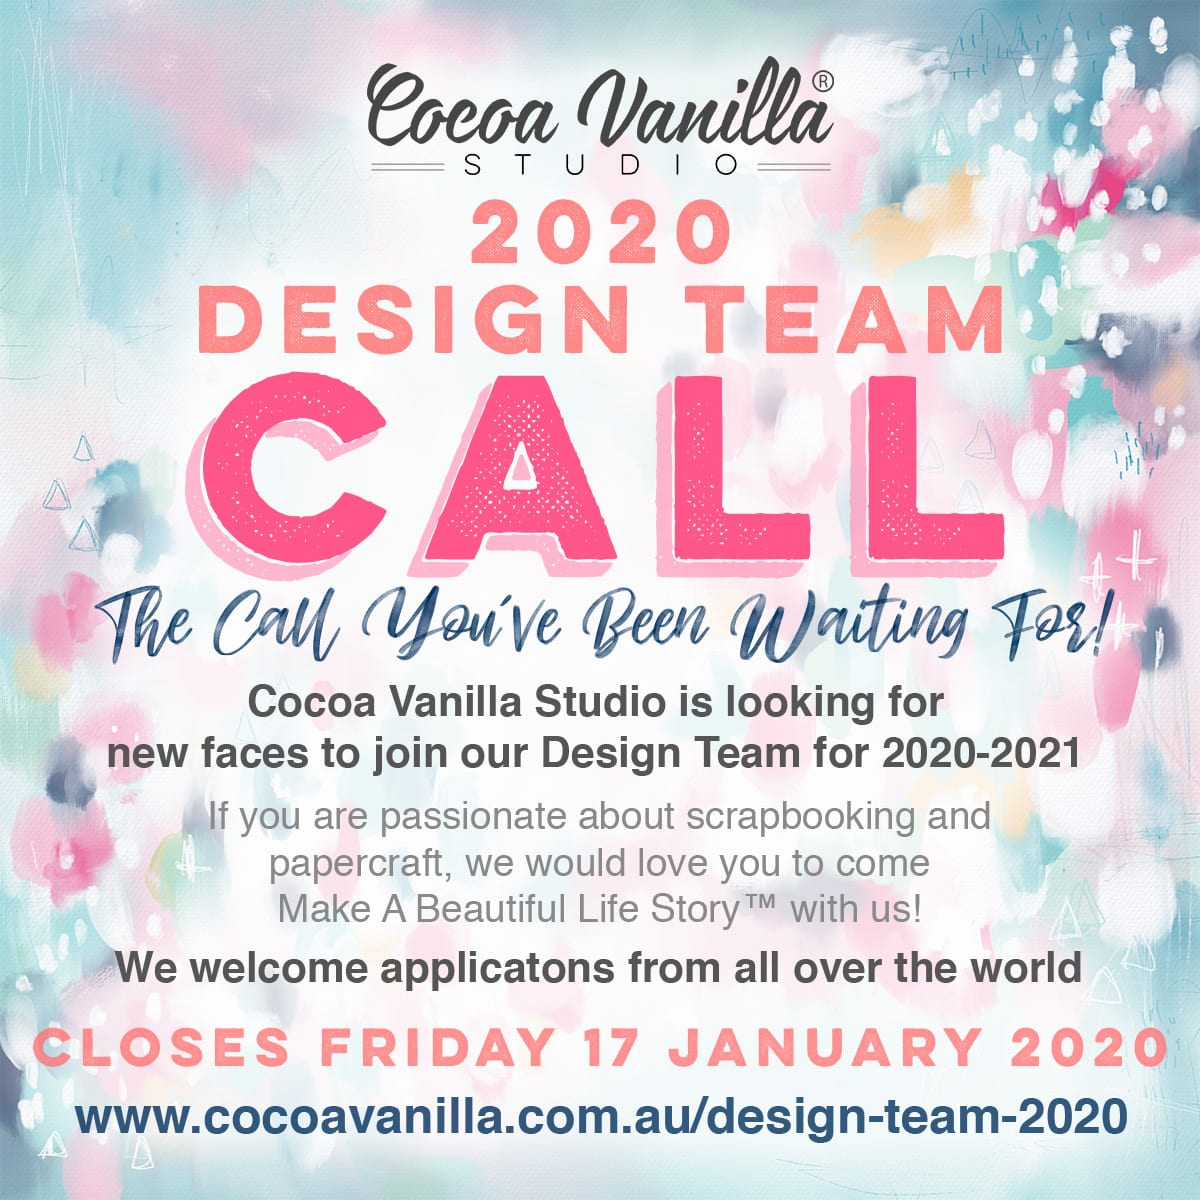 2020 Design Team Call | Apply Now!